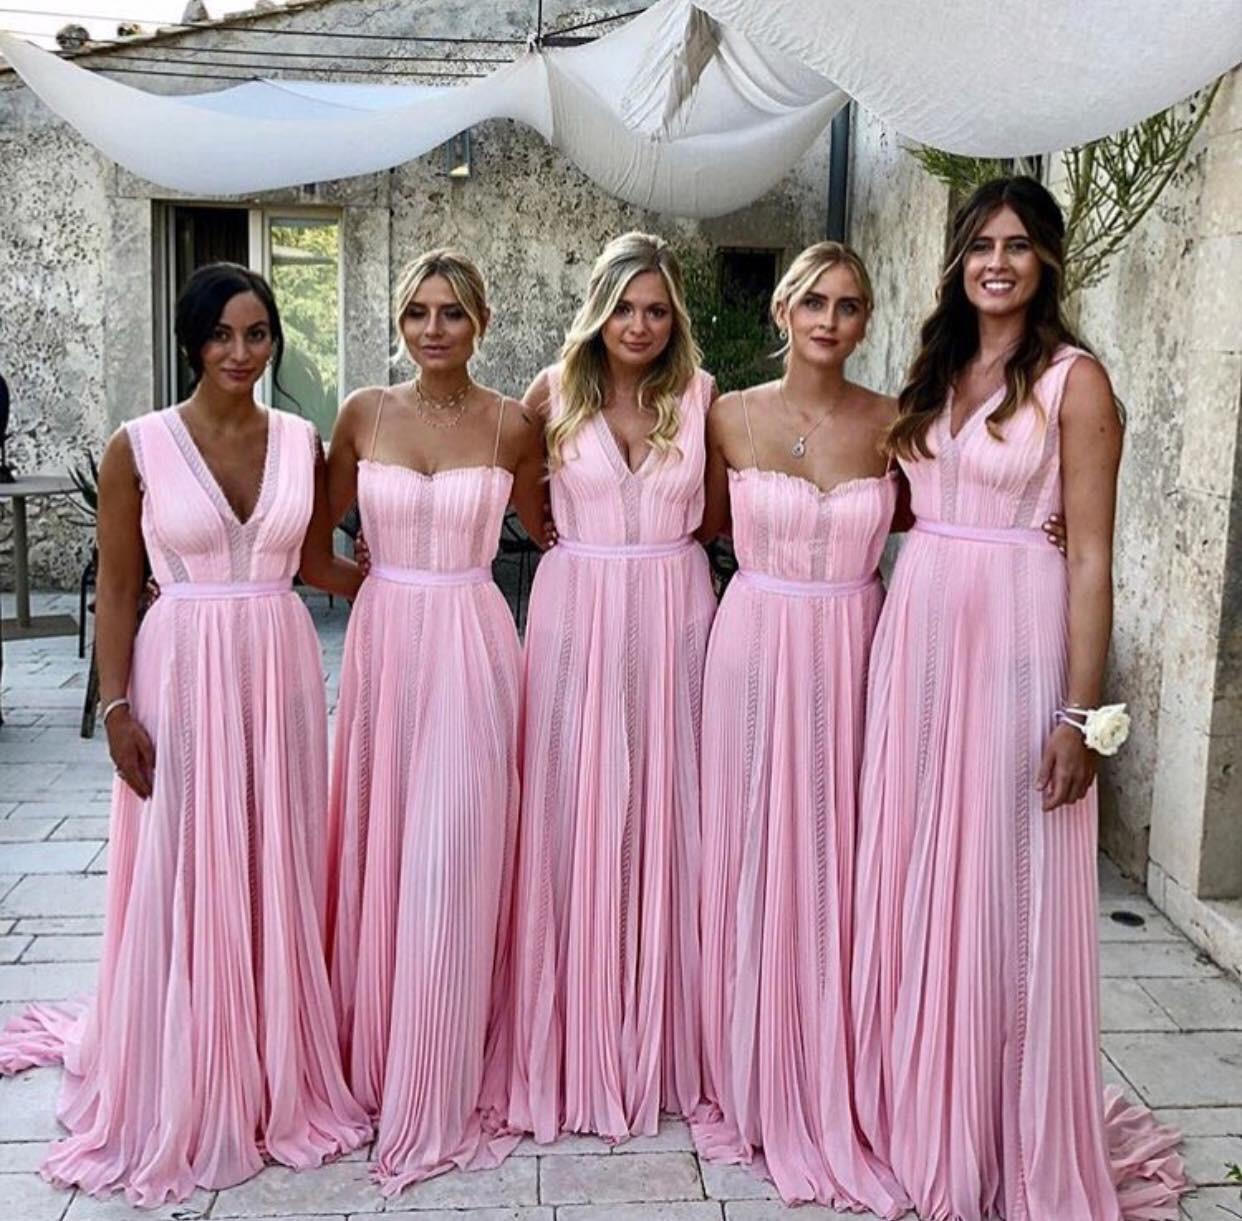 Đám cưới của blogger Chiara Ferragni chính thức diễn ra, khung cảnh lộng lẫy như giấc mơ của mọi cô gái - Ảnh 5.